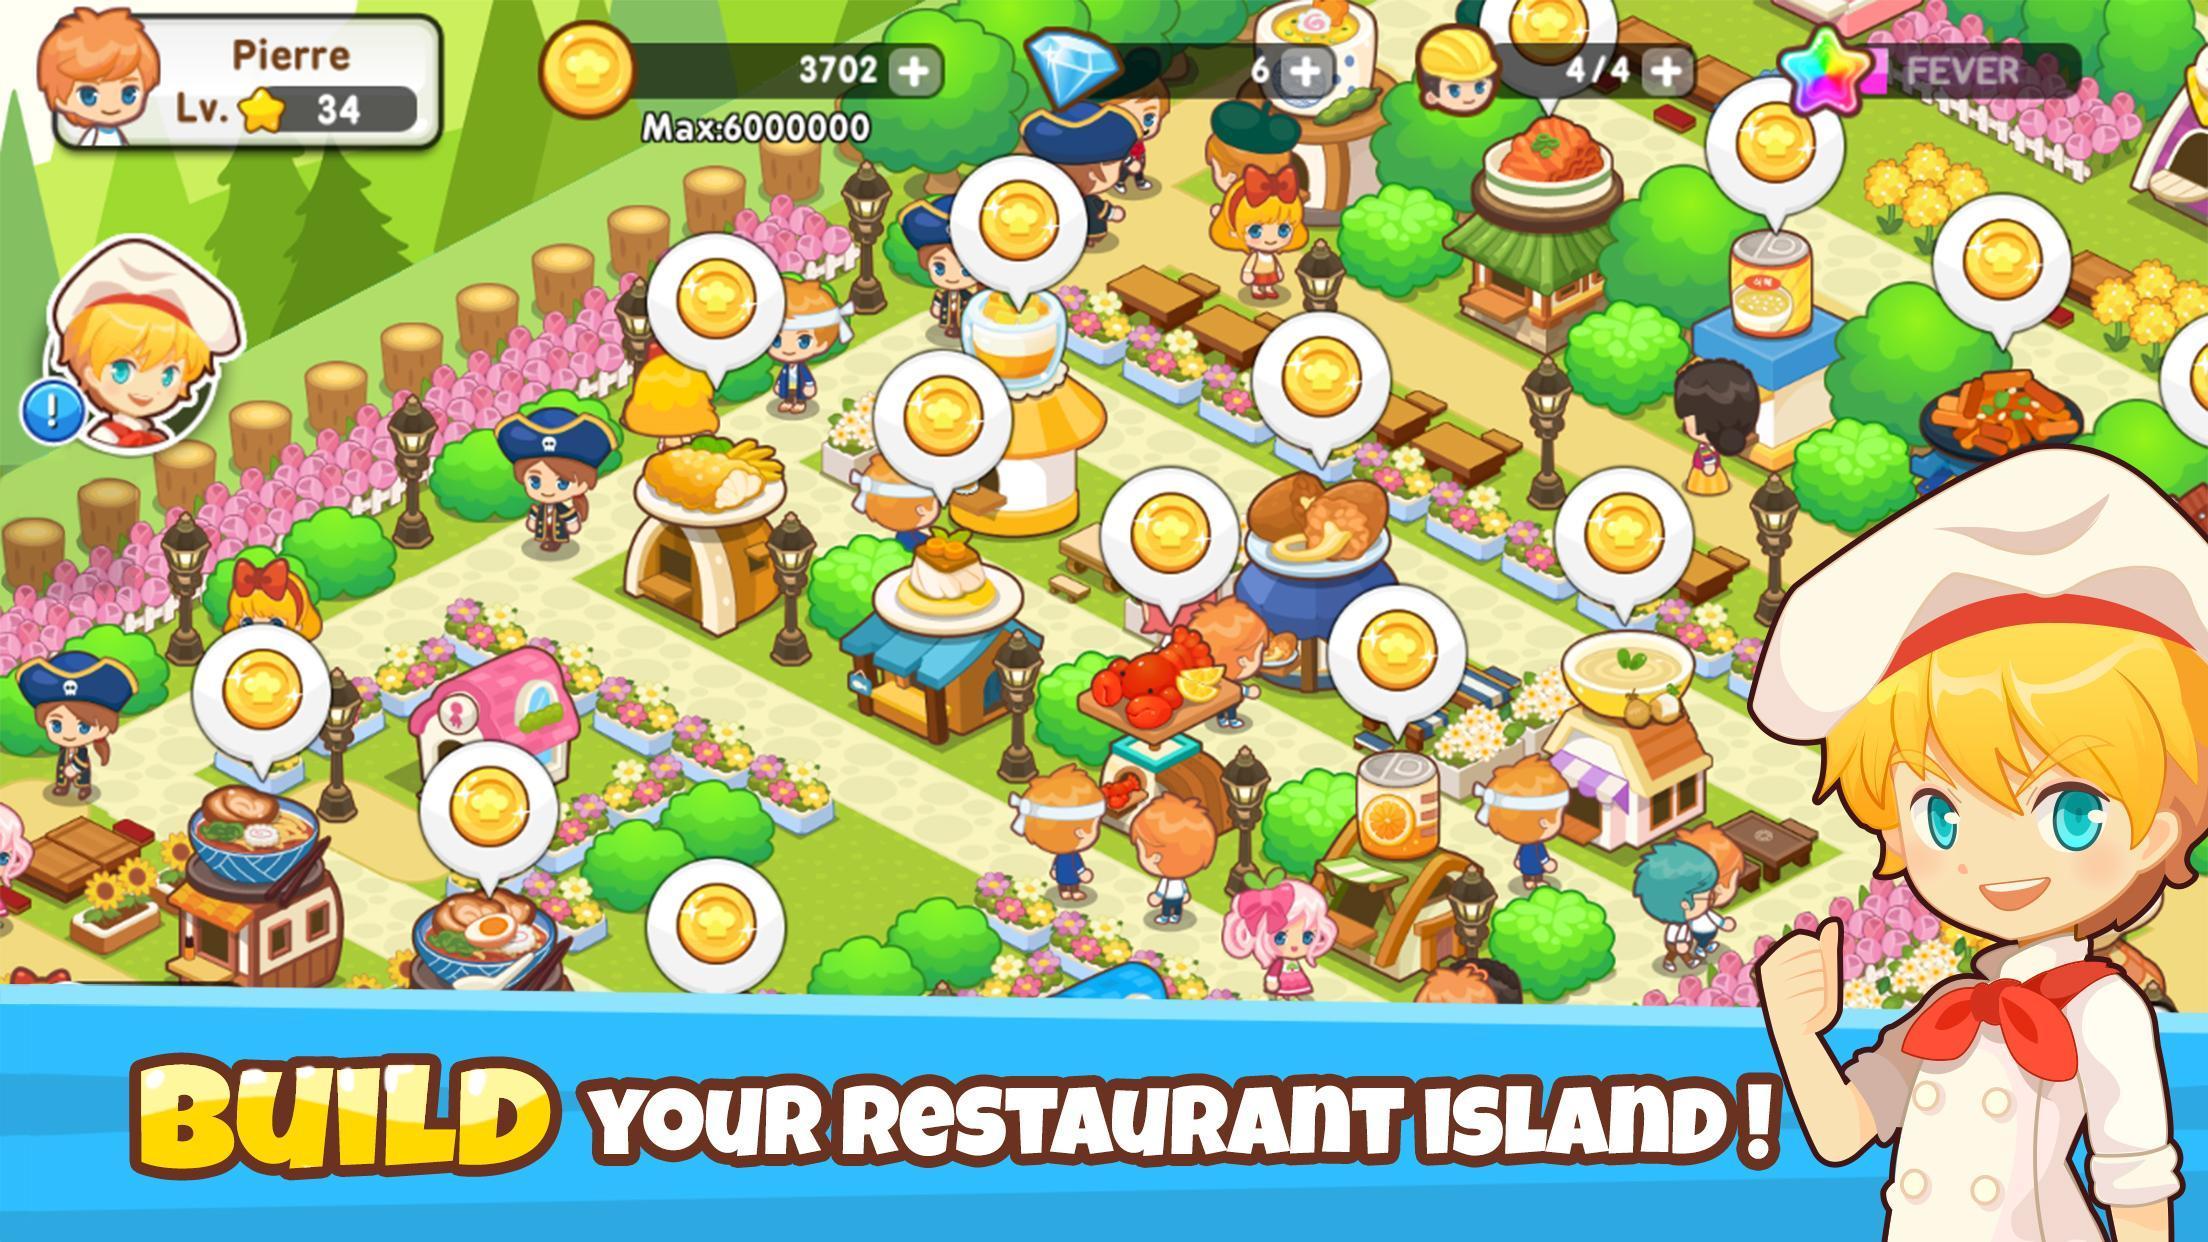 Permainan donlot gratis Restaurant